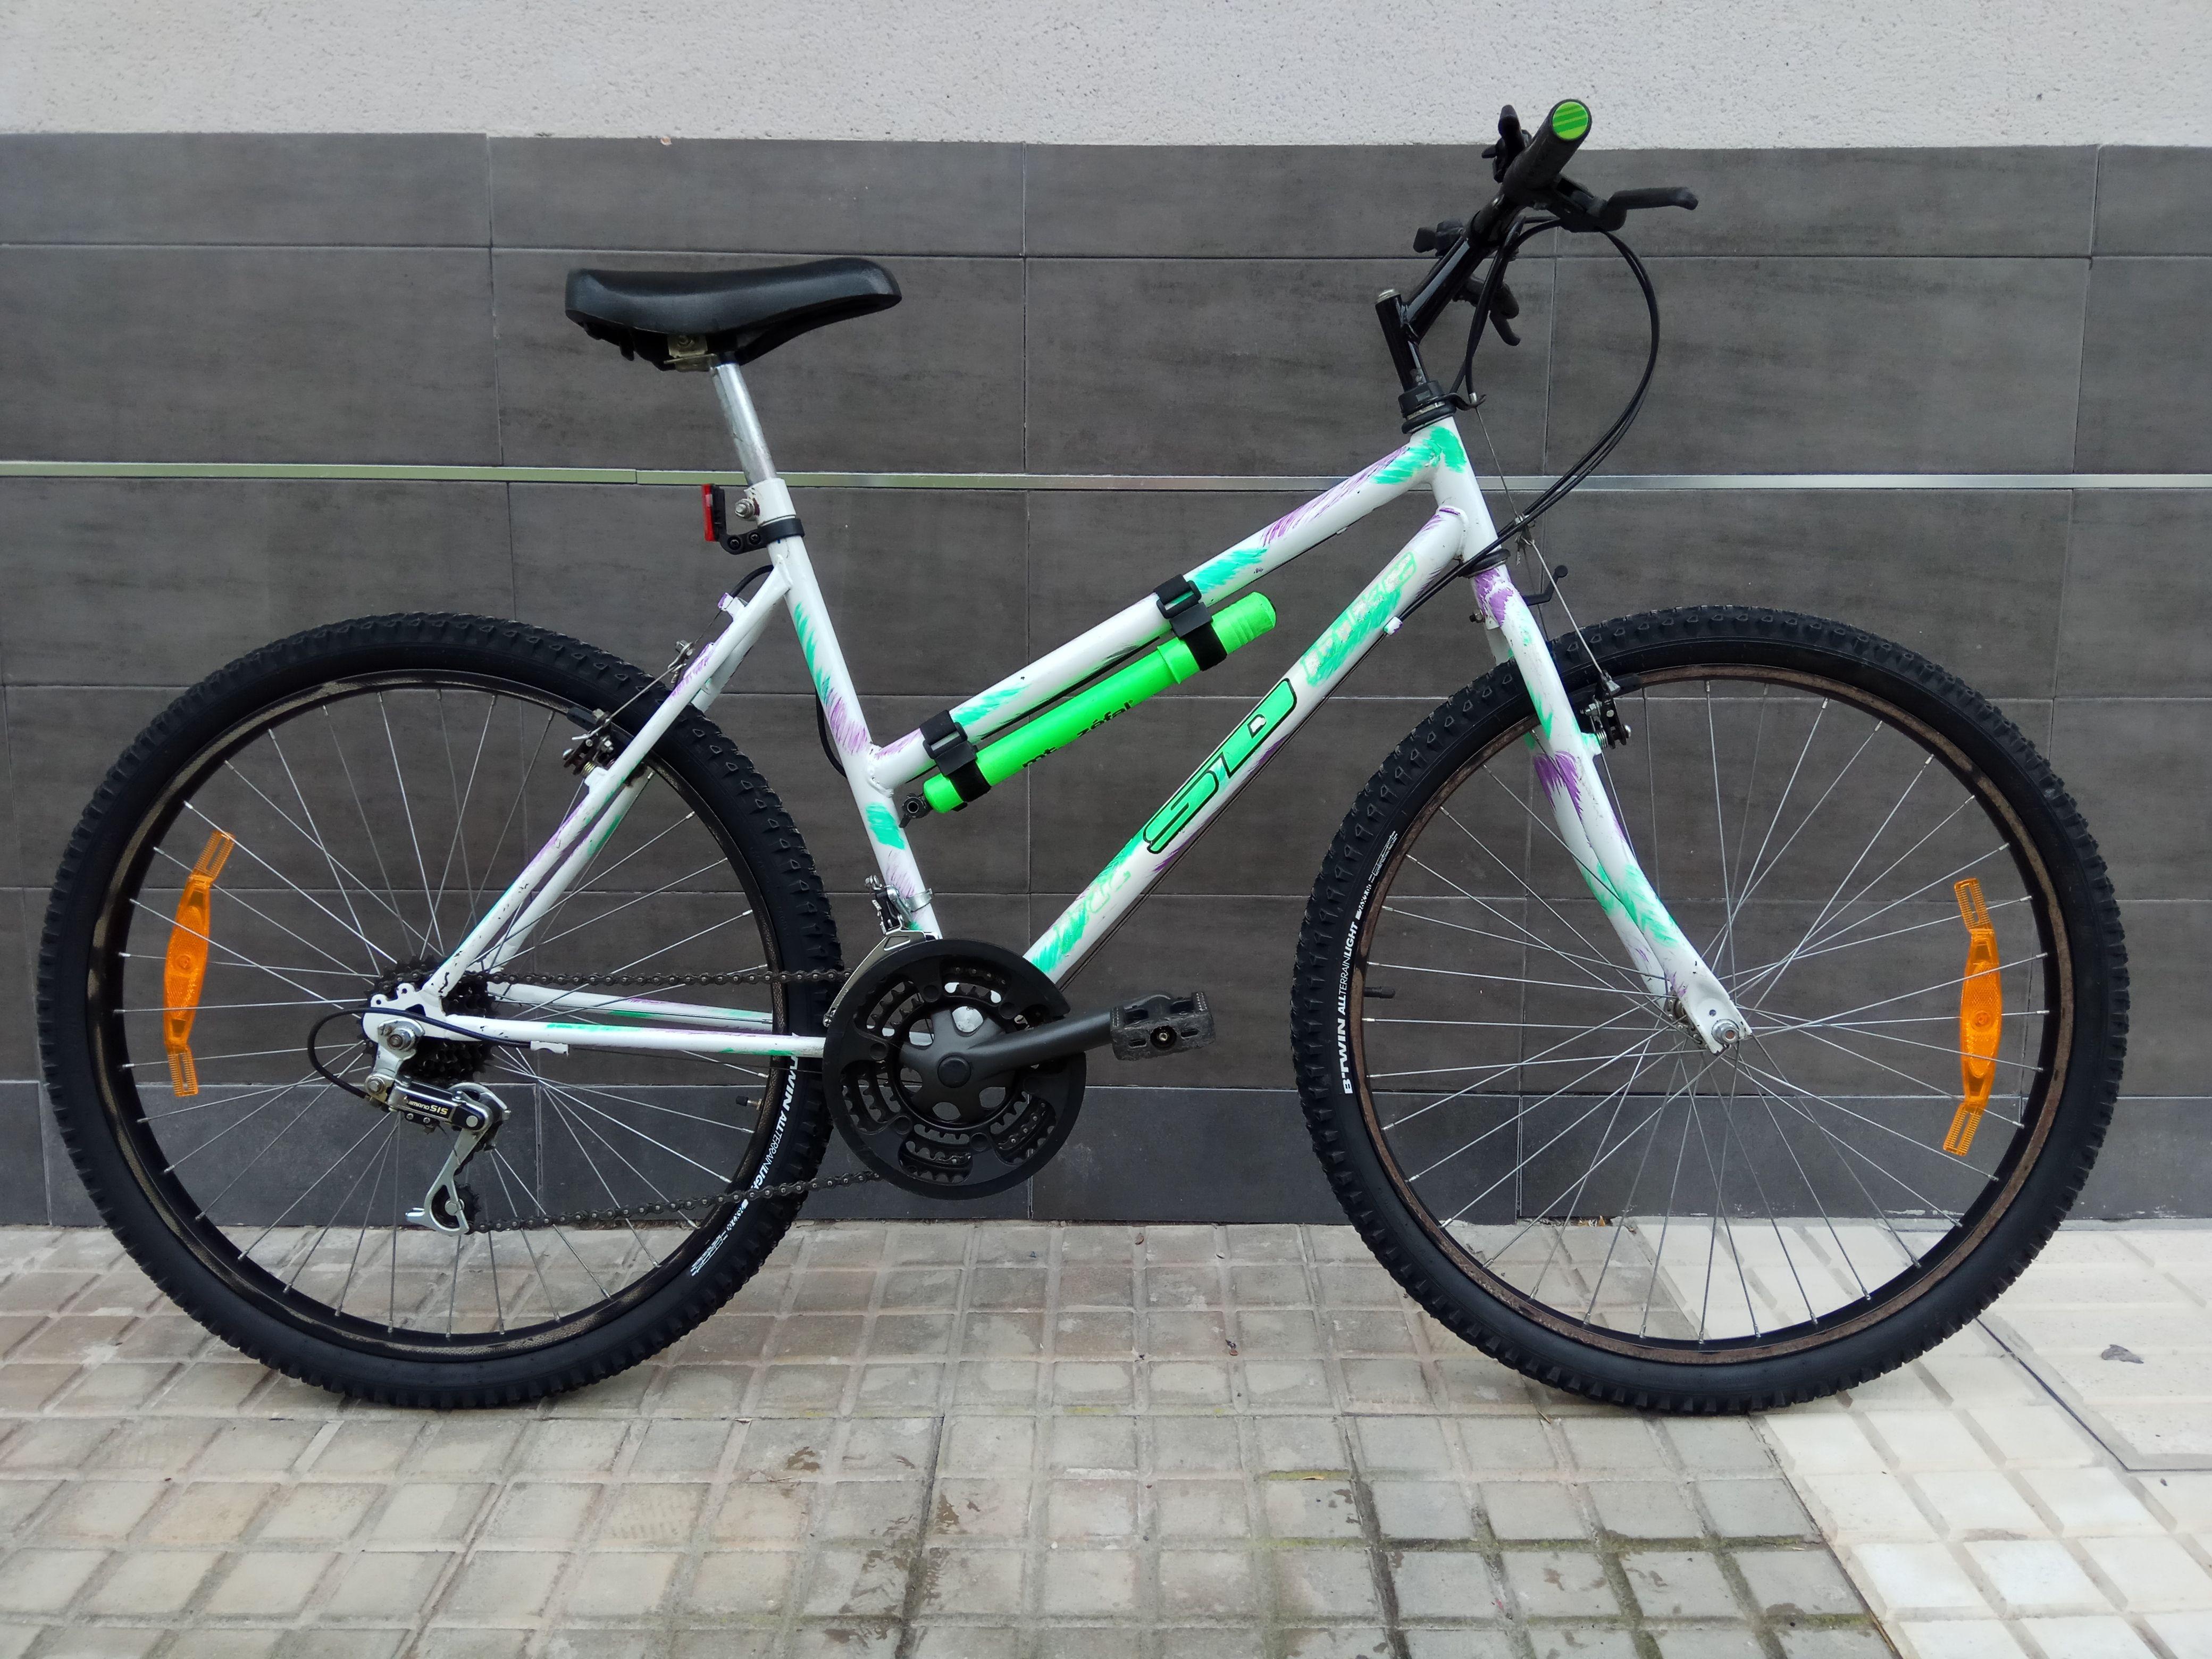 Sd Bike de Montaña 80€ MARCA: Sd Bike MODELO: Ty20 CLASE: Montaña ...